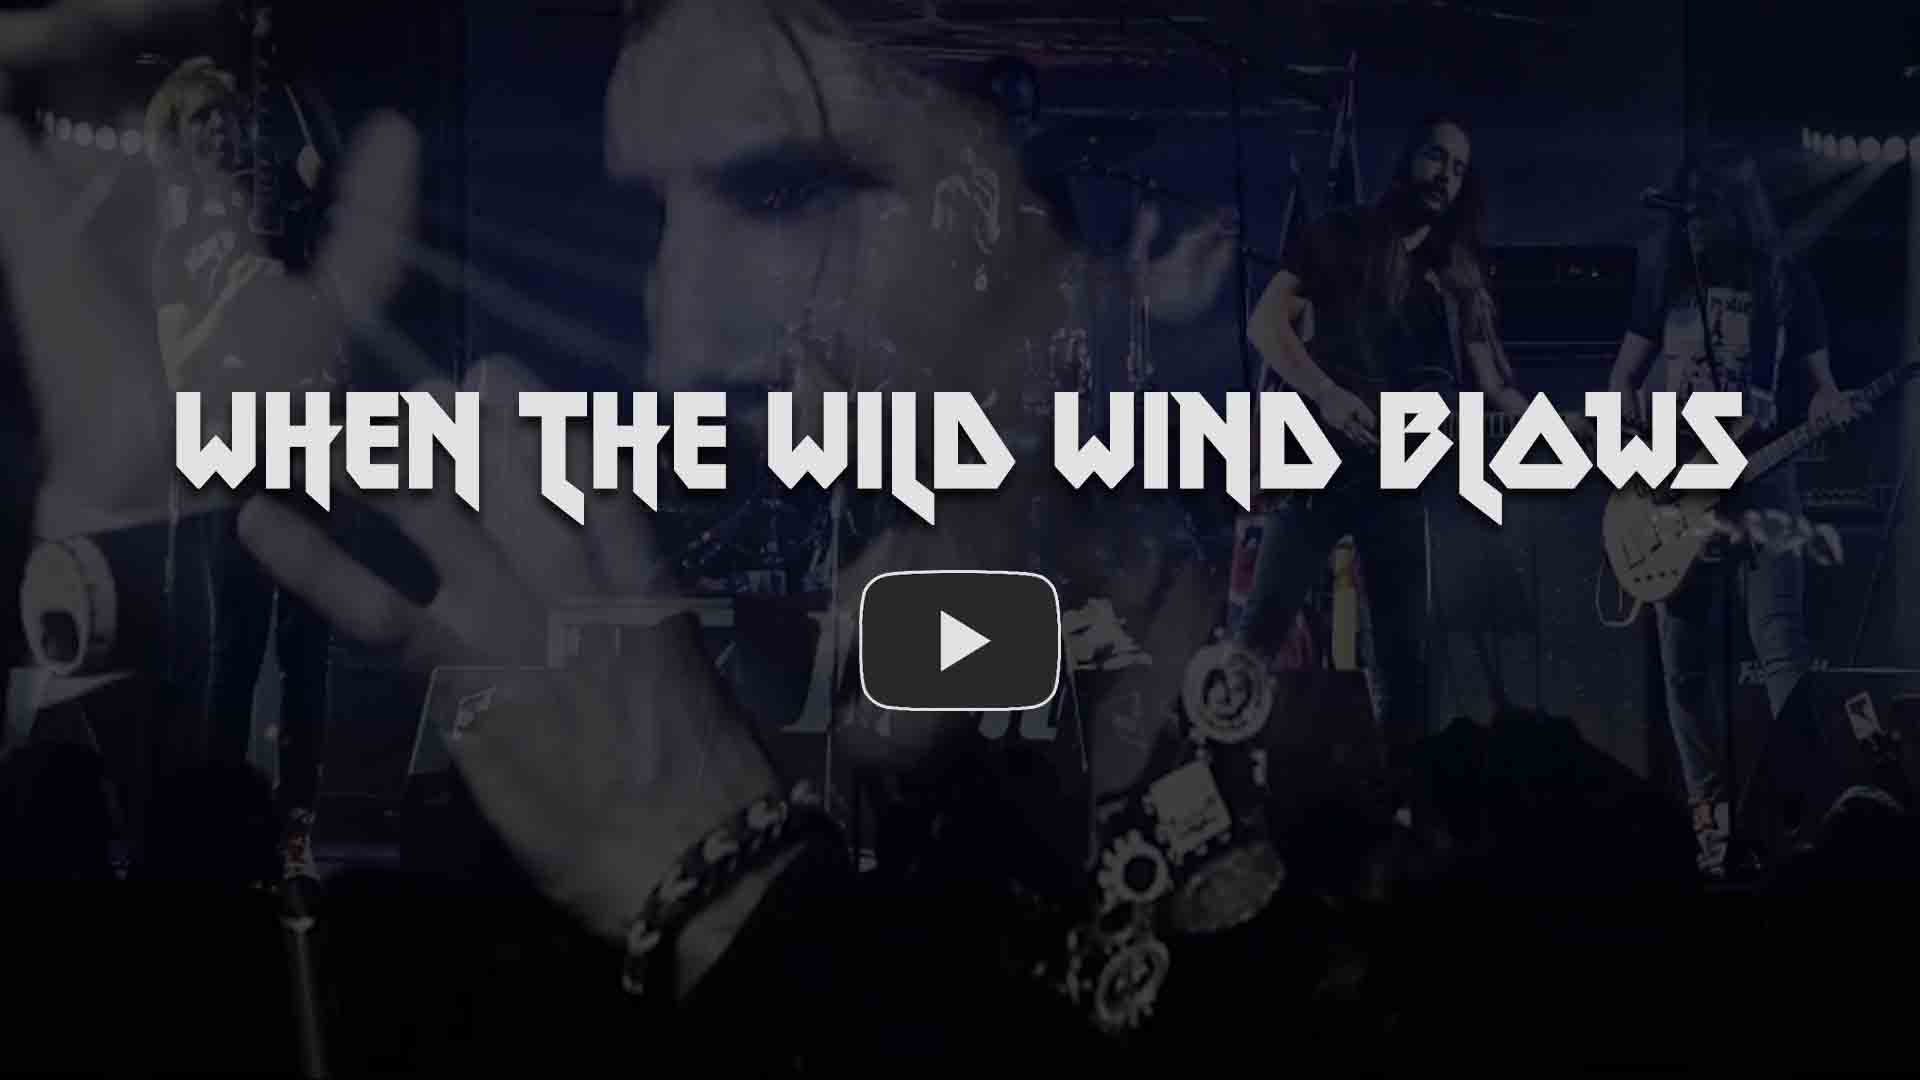 When The Wild Wind Blows